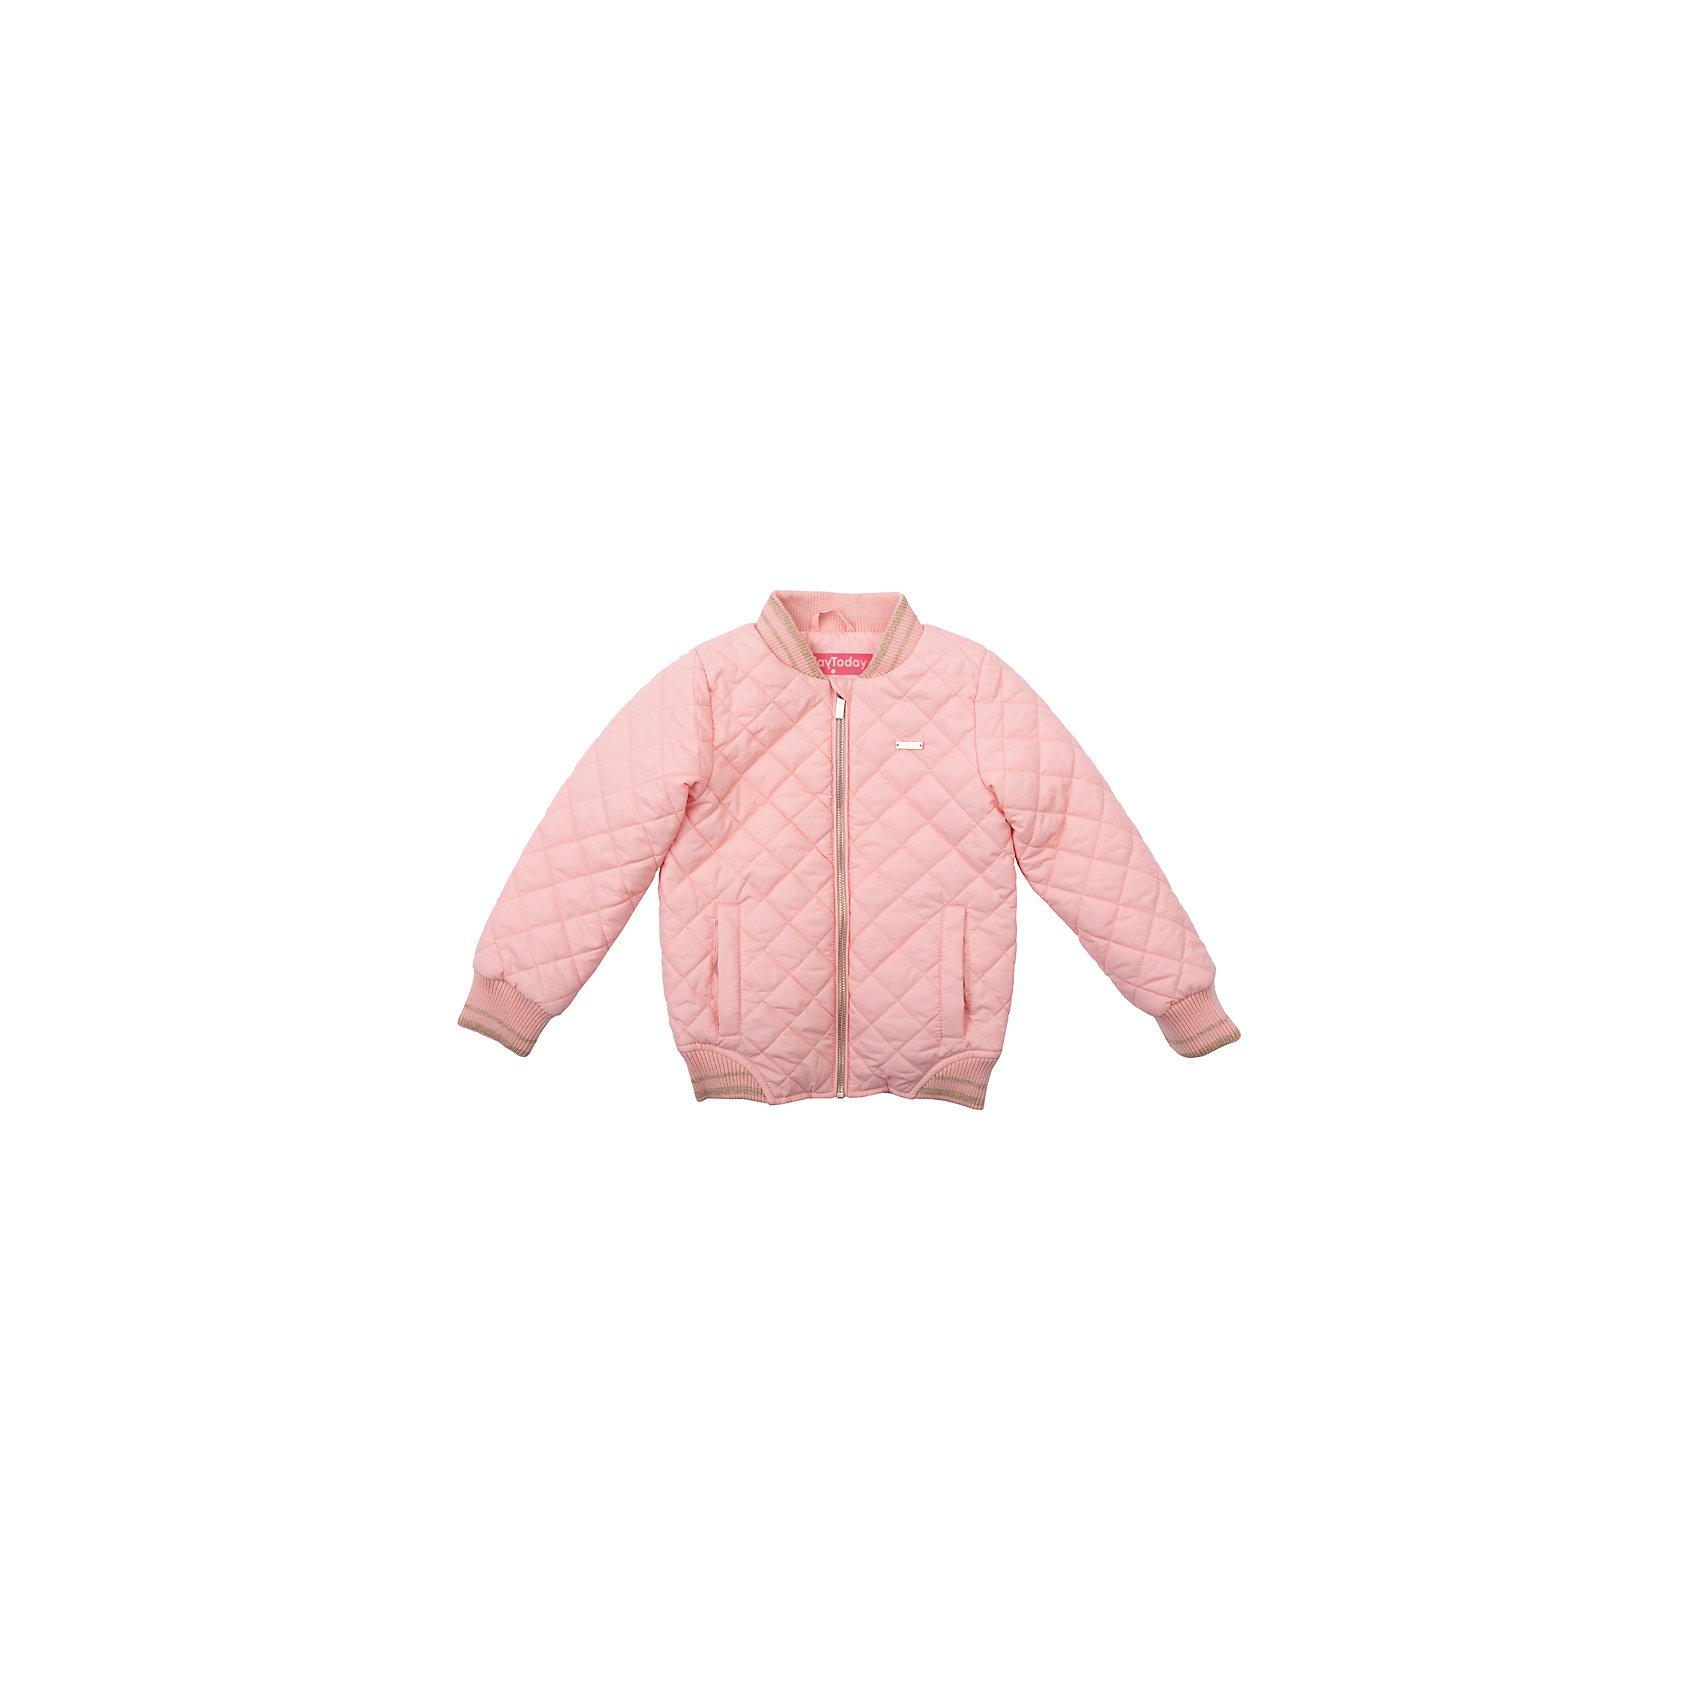 Куртка для девочки PlayTodayВерхняя одежда<br>Куртка для девочки PlayToday<br>Утепленная стеганая куртка - прекрасное решение для прохладной погоды. Мягкие трикотажные резинки на рукавах защитят Вашего ребенка - ветер не сможет проникнуть под куртку.  Специальный карман для фиксации застежки-молнии не позволит застежке травмировать нежную детскую кожу.  <br><br>Преимущества: <br><br>Мягкие трикотажные резинки на рукавах<br>Защита подбородка. Специальный карман для фиксации застежки-молнии. Наличие данного кармана не позволит застежке -молнии травмировать нежную кожу ребенка<br><br>Состав:<br>Верх: 100% полиэстер, подкладка: 60% полиэстер, 40% хлопок, наполнитель: 100% полиэстер, 80 г/м2<br><br>Ширина мм: 356<br>Глубина мм: 10<br>Высота мм: 245<br>Вес г: 519<br>Цвет: розовый<br>Возраст от месяцев: 84<br>Возраст до месяцев: 96<br>Пол: Женский<br>Возраст: Детский<br>Размер: 128,98,104,110,116,122<br>SKU: 5403627